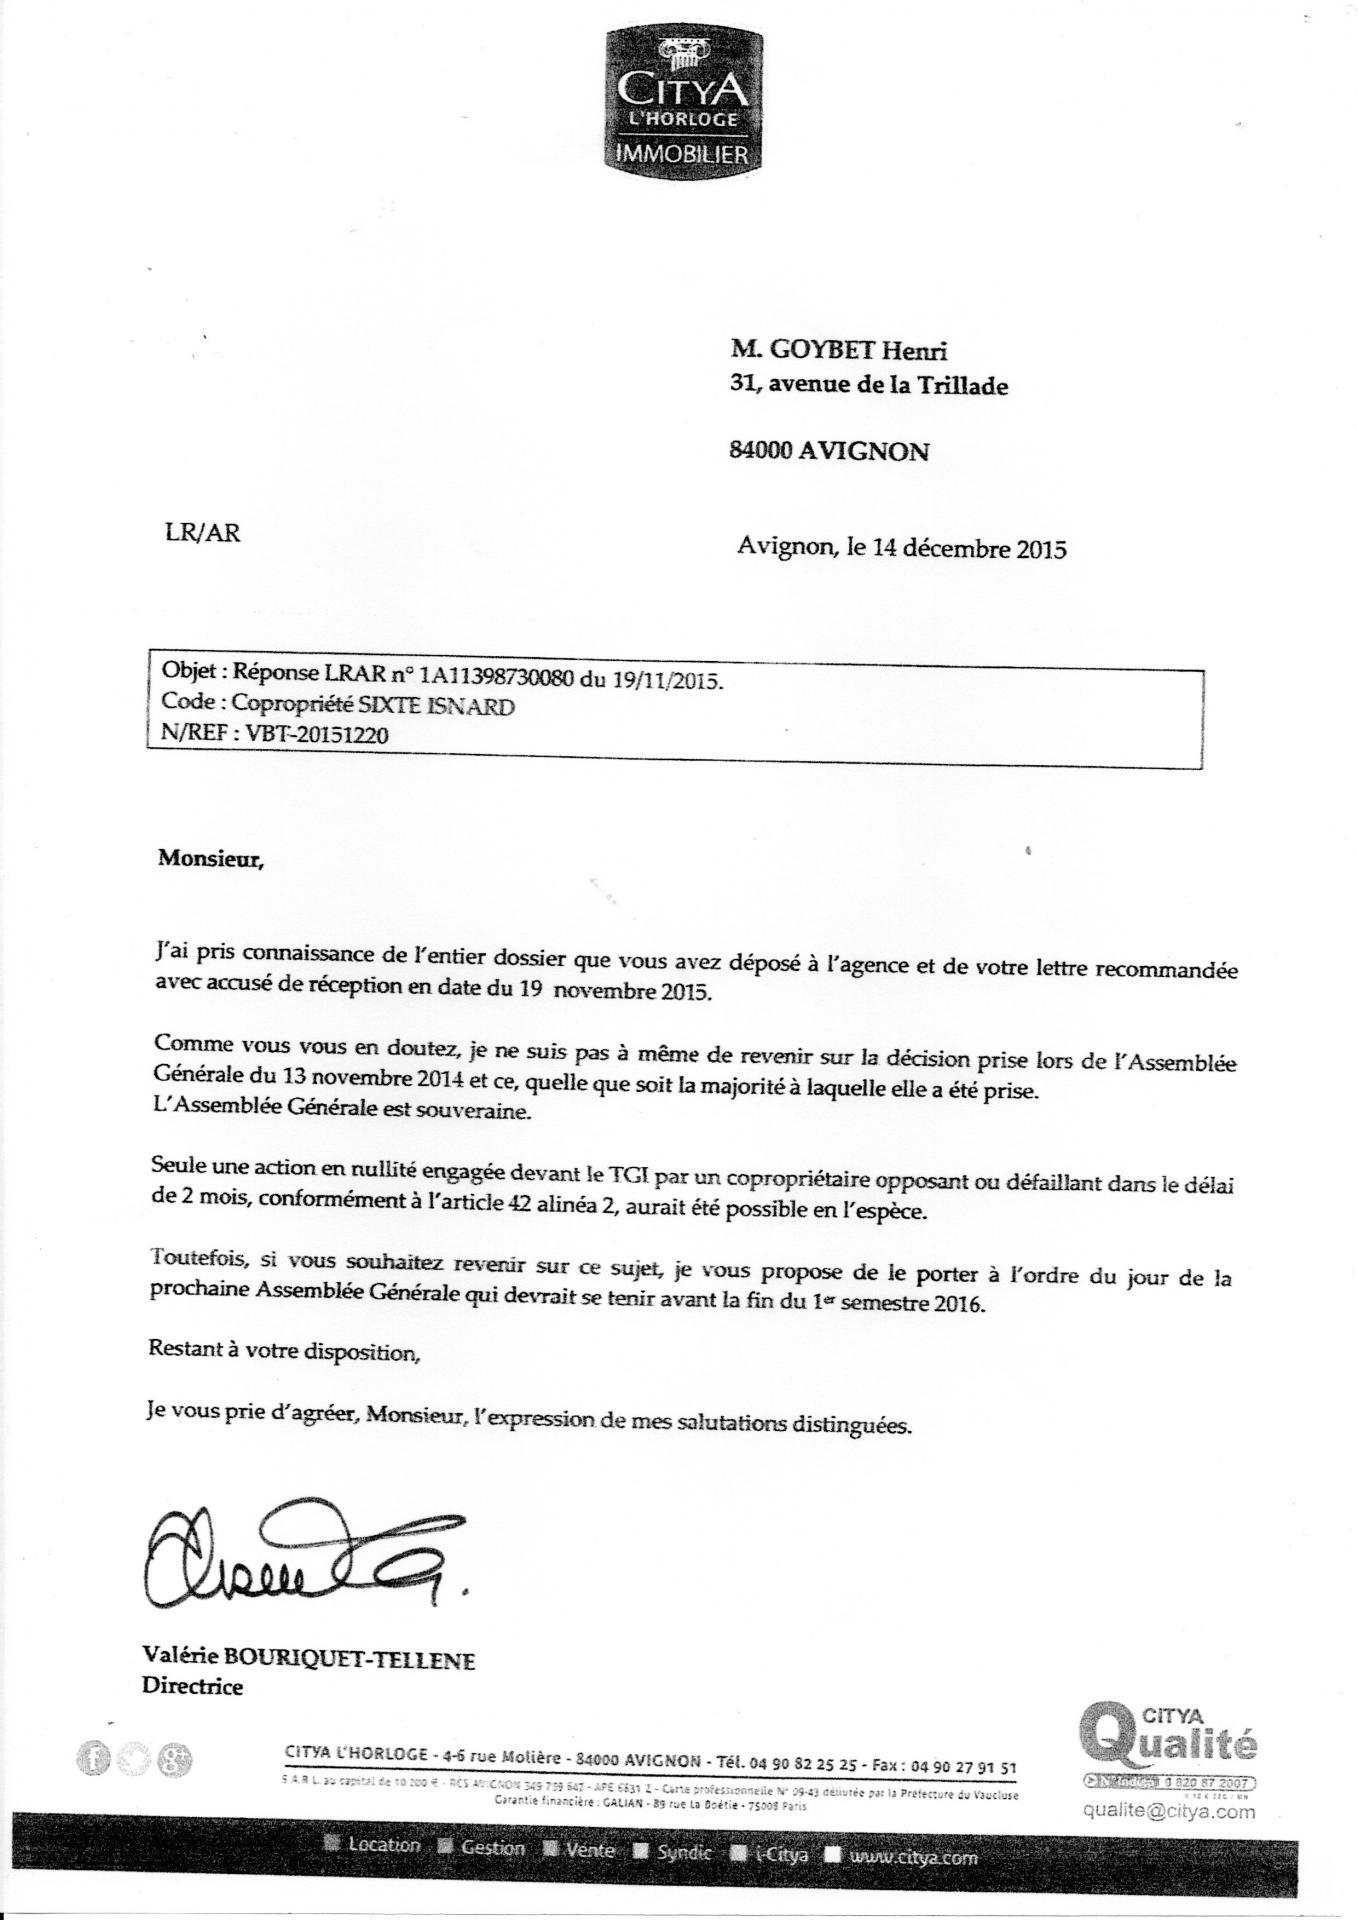 Lettre de madame Bouriquet directrice Citya